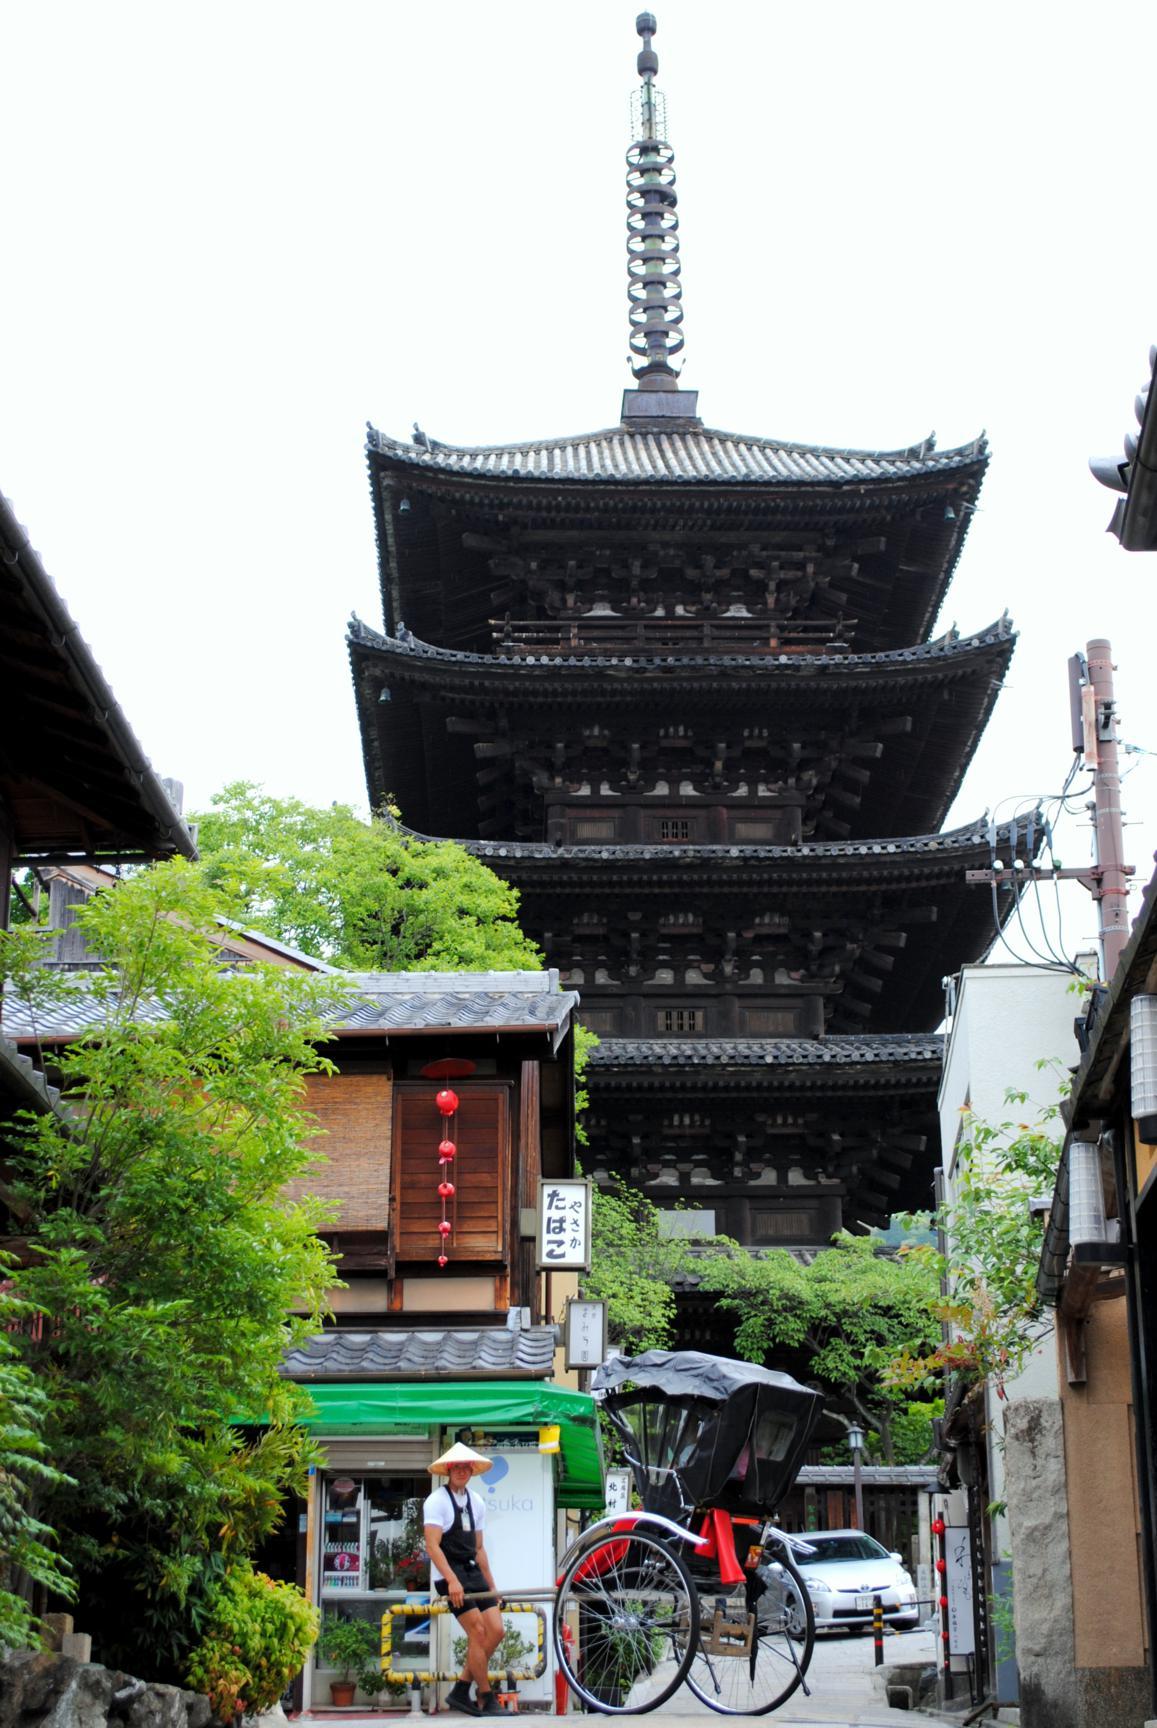 pagoda-kyoto-2